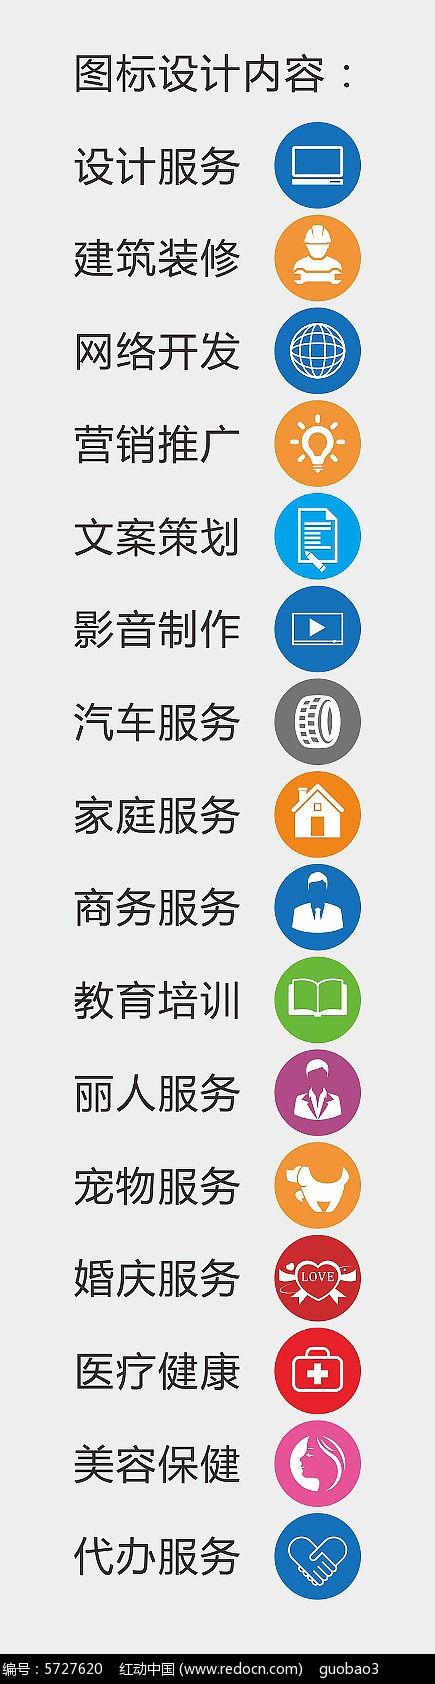 手机软件按钮图标图片